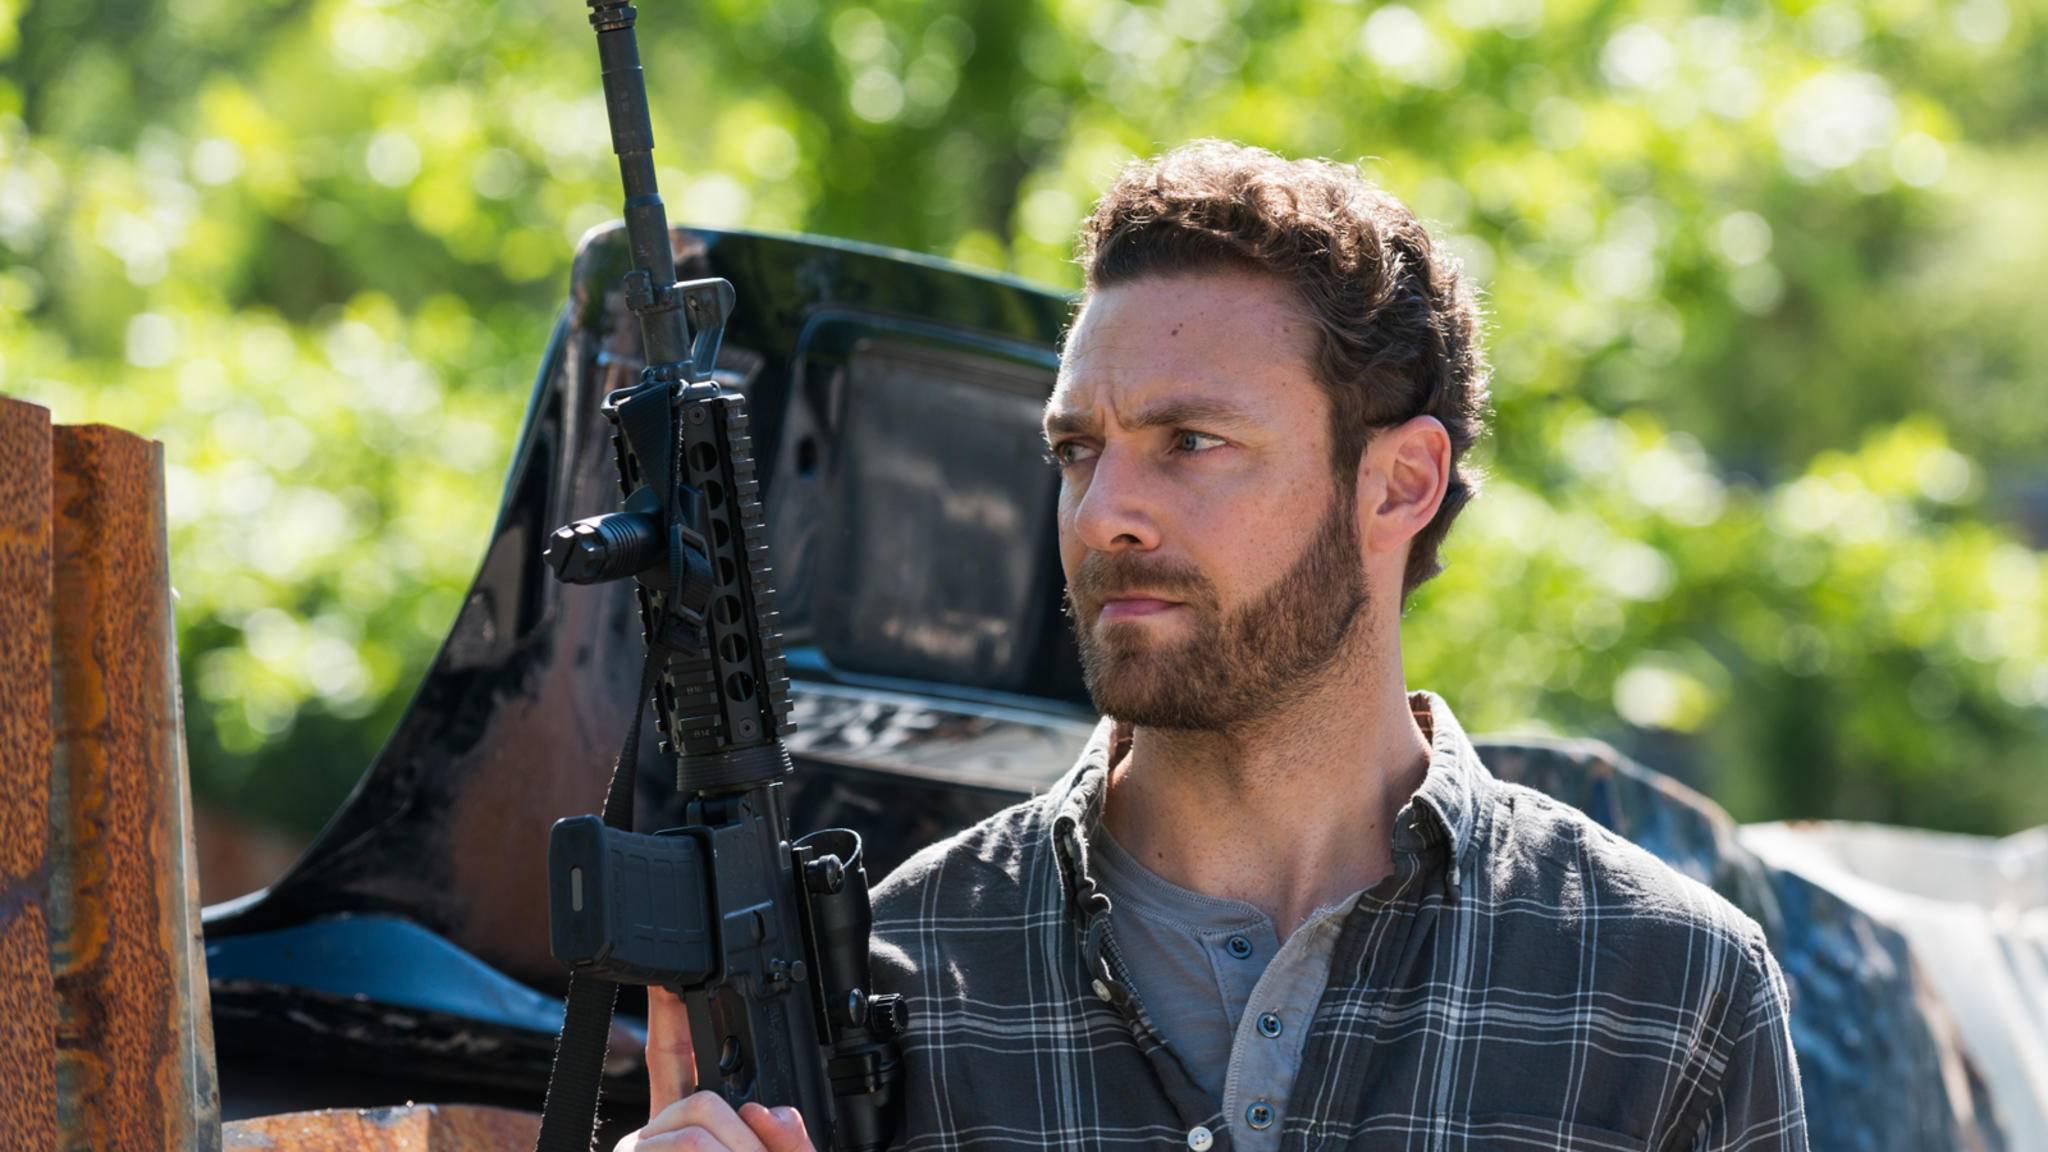 """Jagt er statt Zombies in """"The Walking Dead"""" bald Schurken im Marvel-Universum?"""